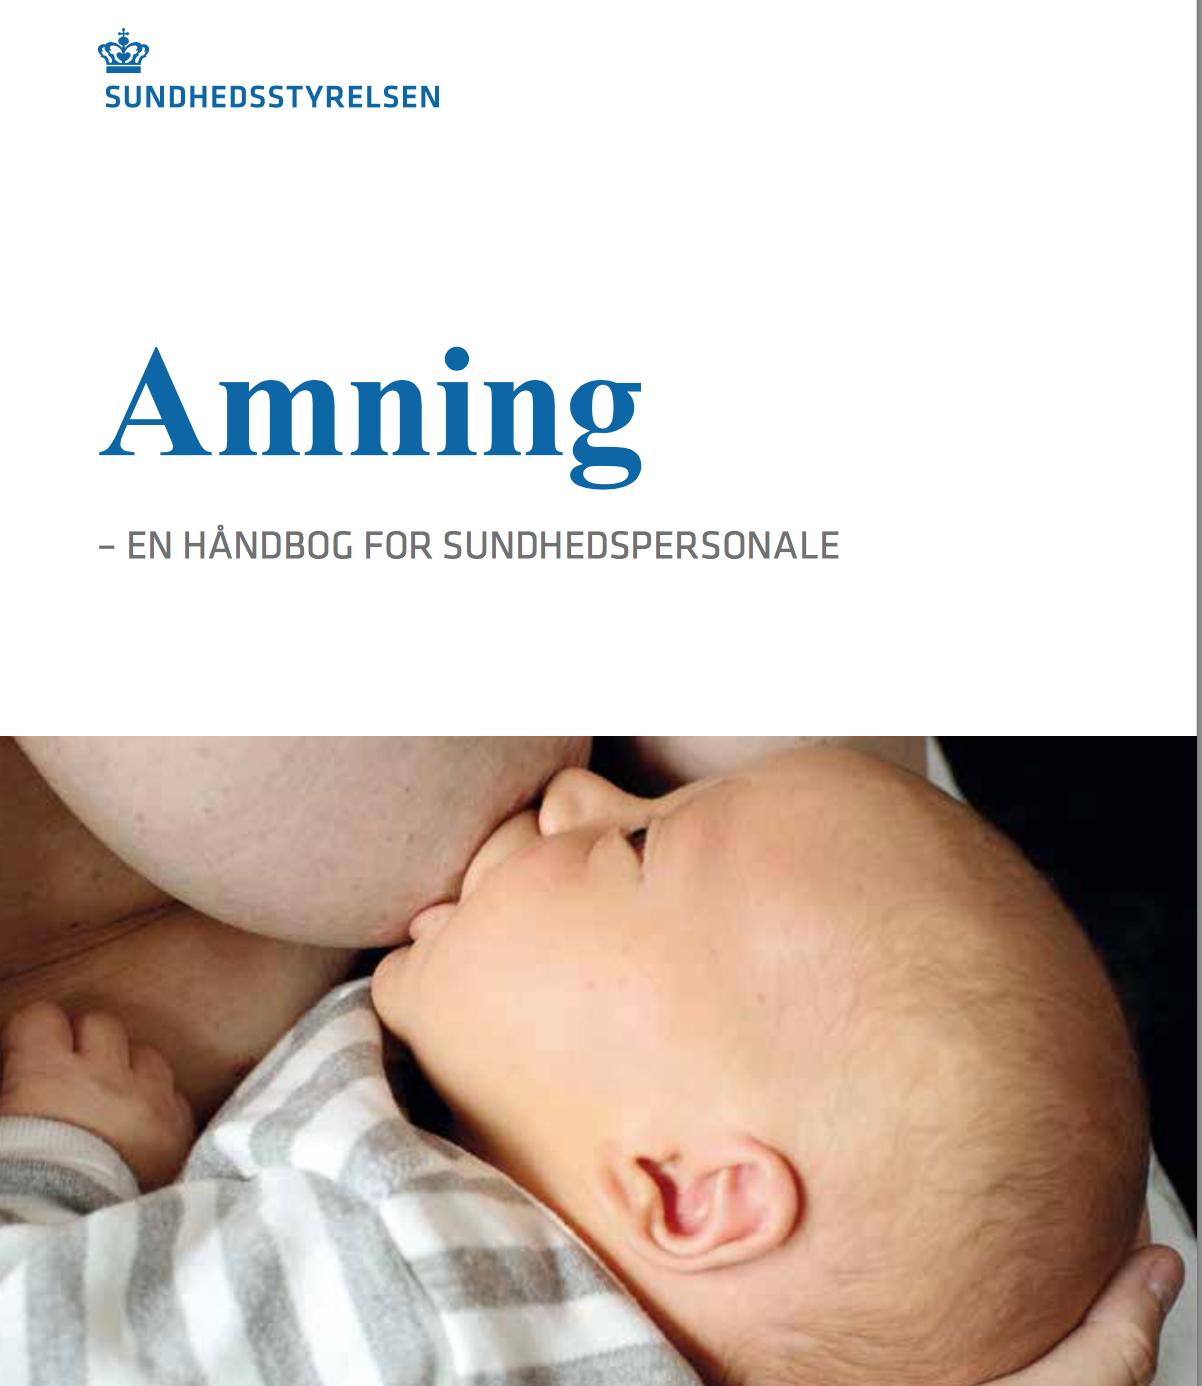 Ny håndbog om amning: Fokus på kommunikation til forældre